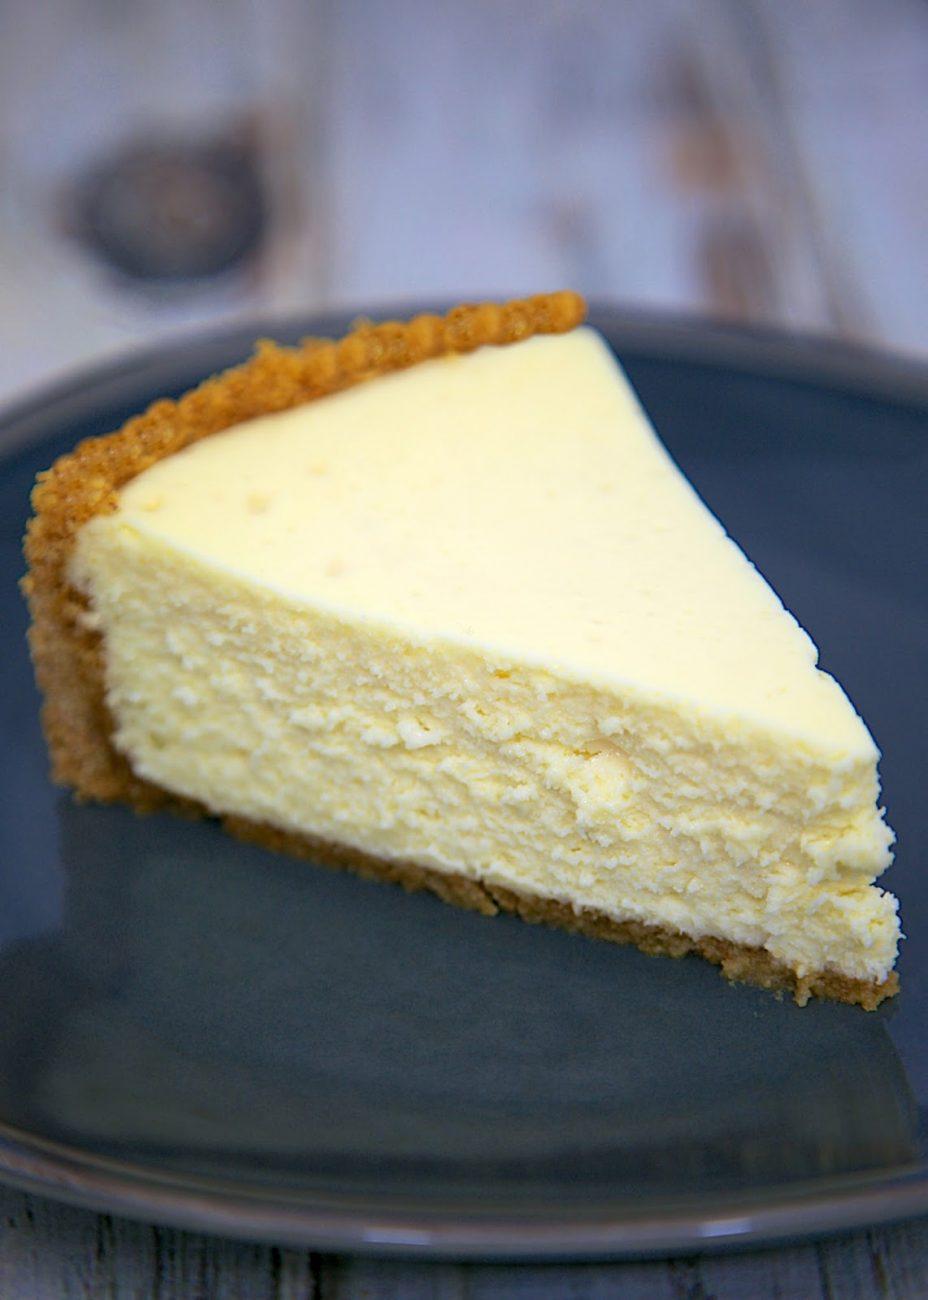 The Best Homemade Cheesecake